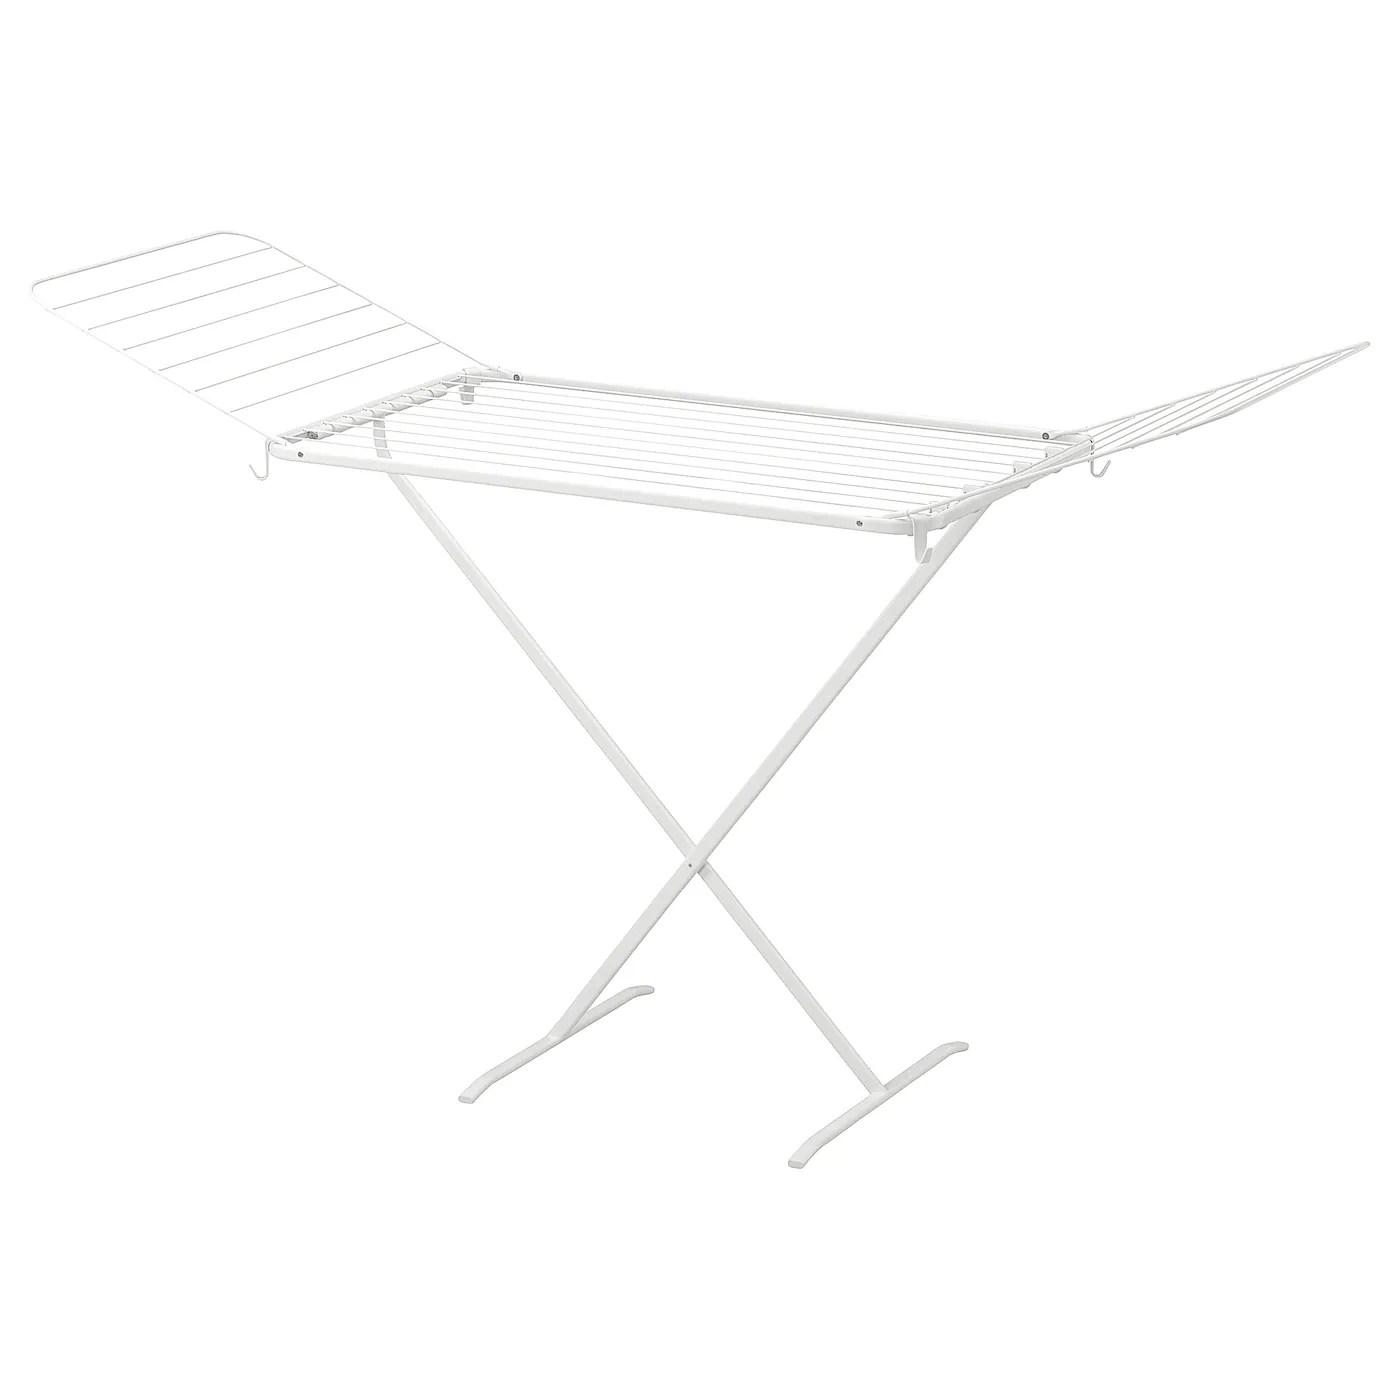 Mulig Torrestativ Inde Ude Hvid Ikea